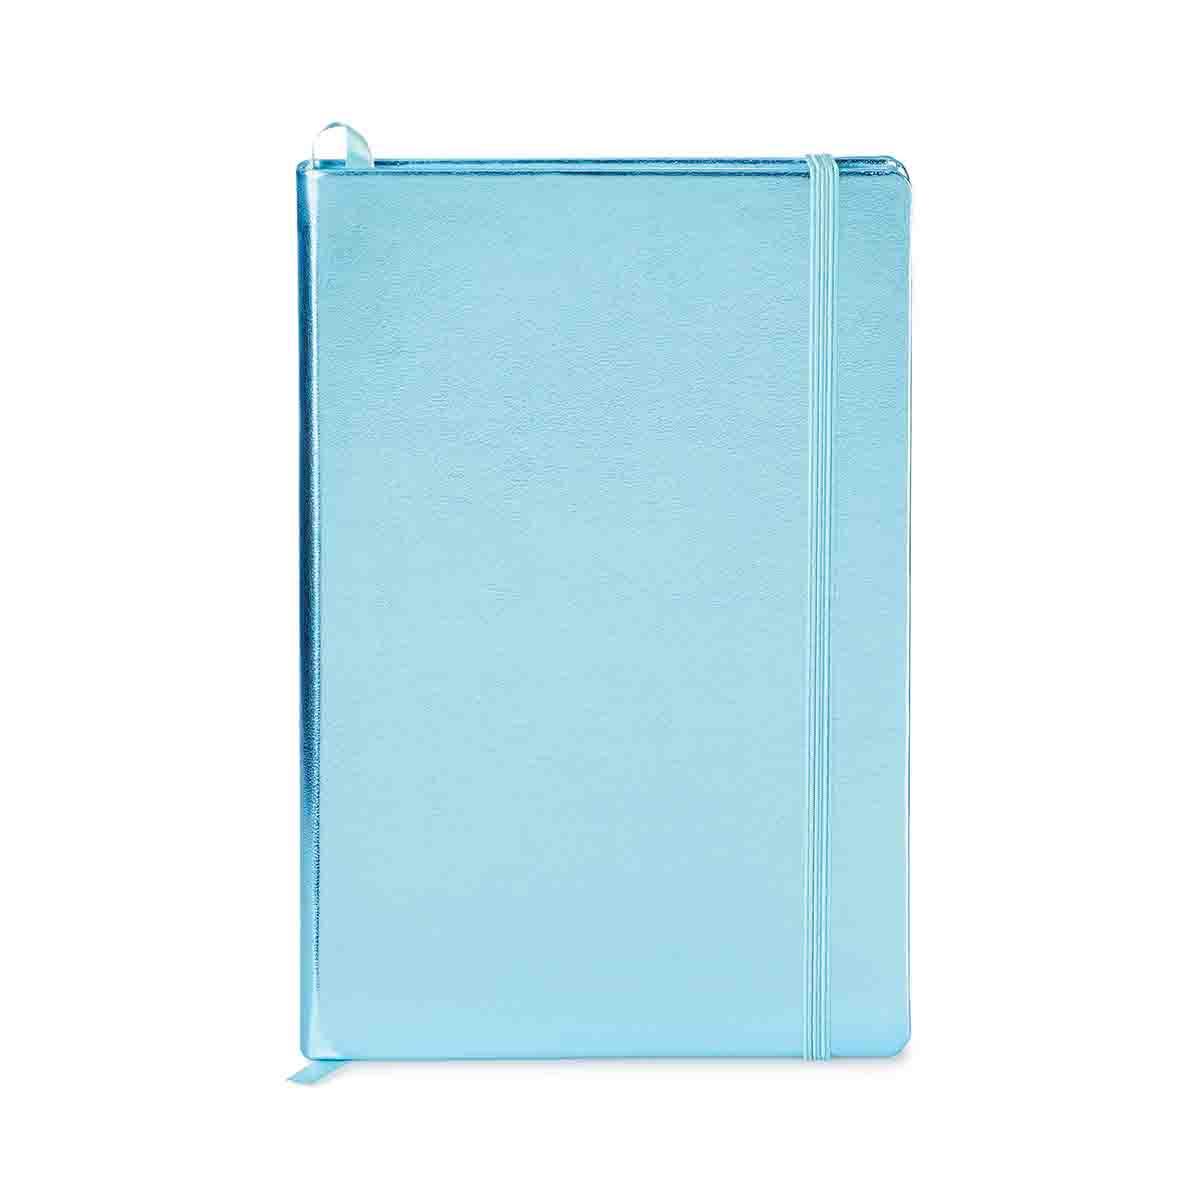 Spector metallic journal blue